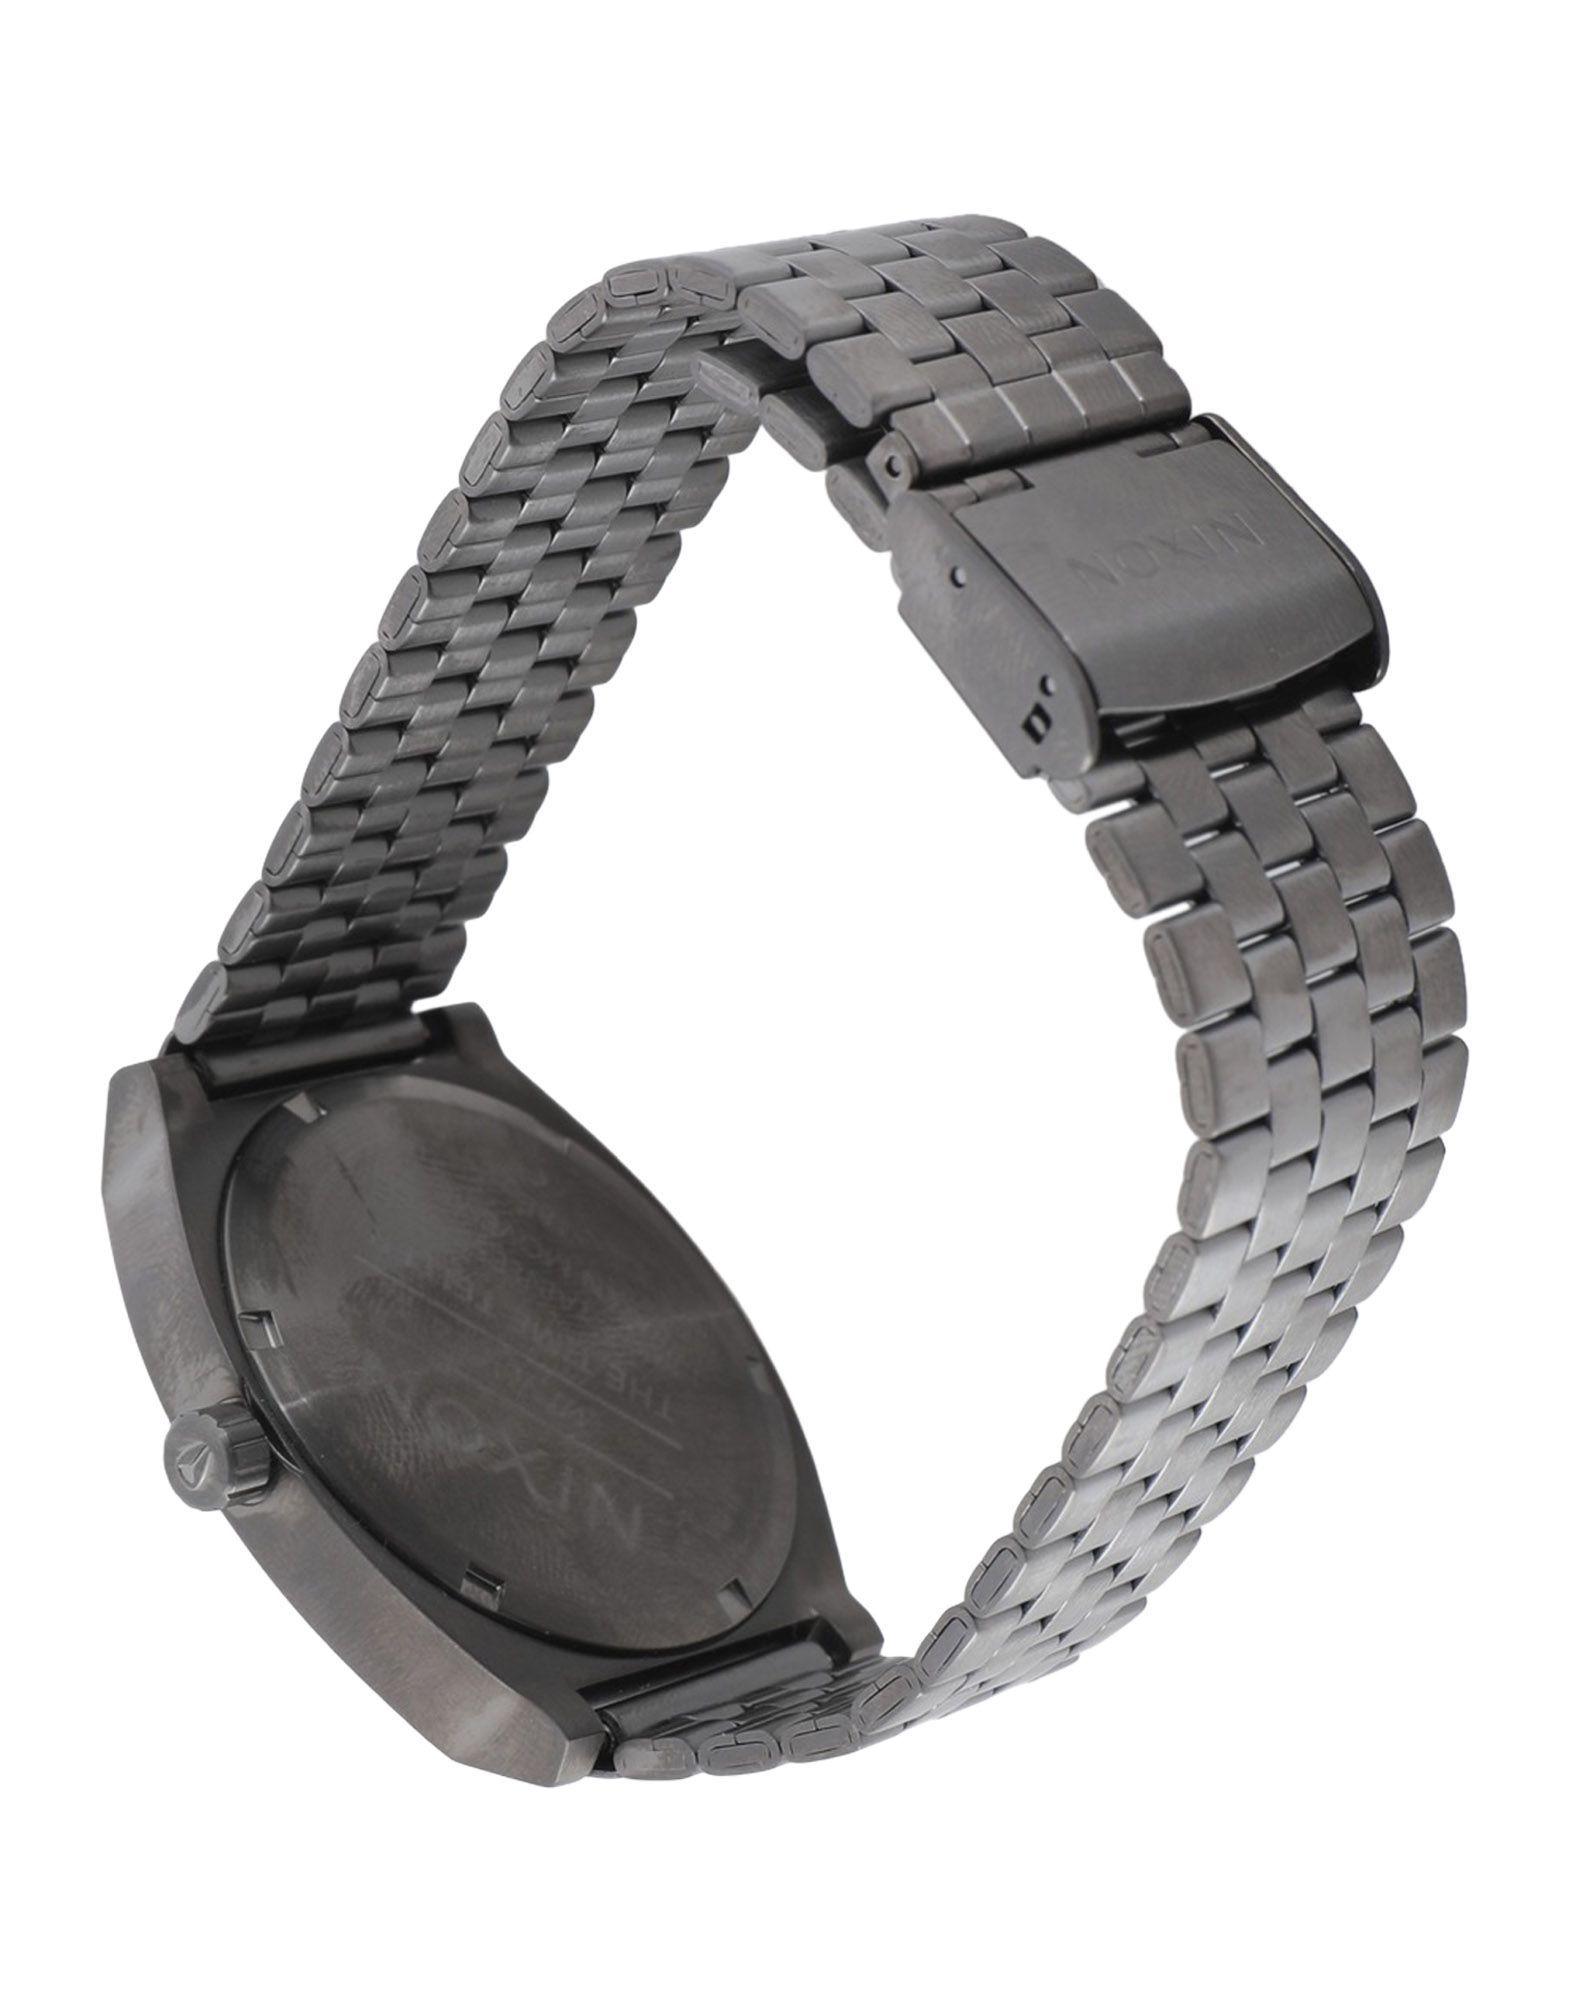 TIMEPIECES Unisex Nixon Dark blue Stainless Steel